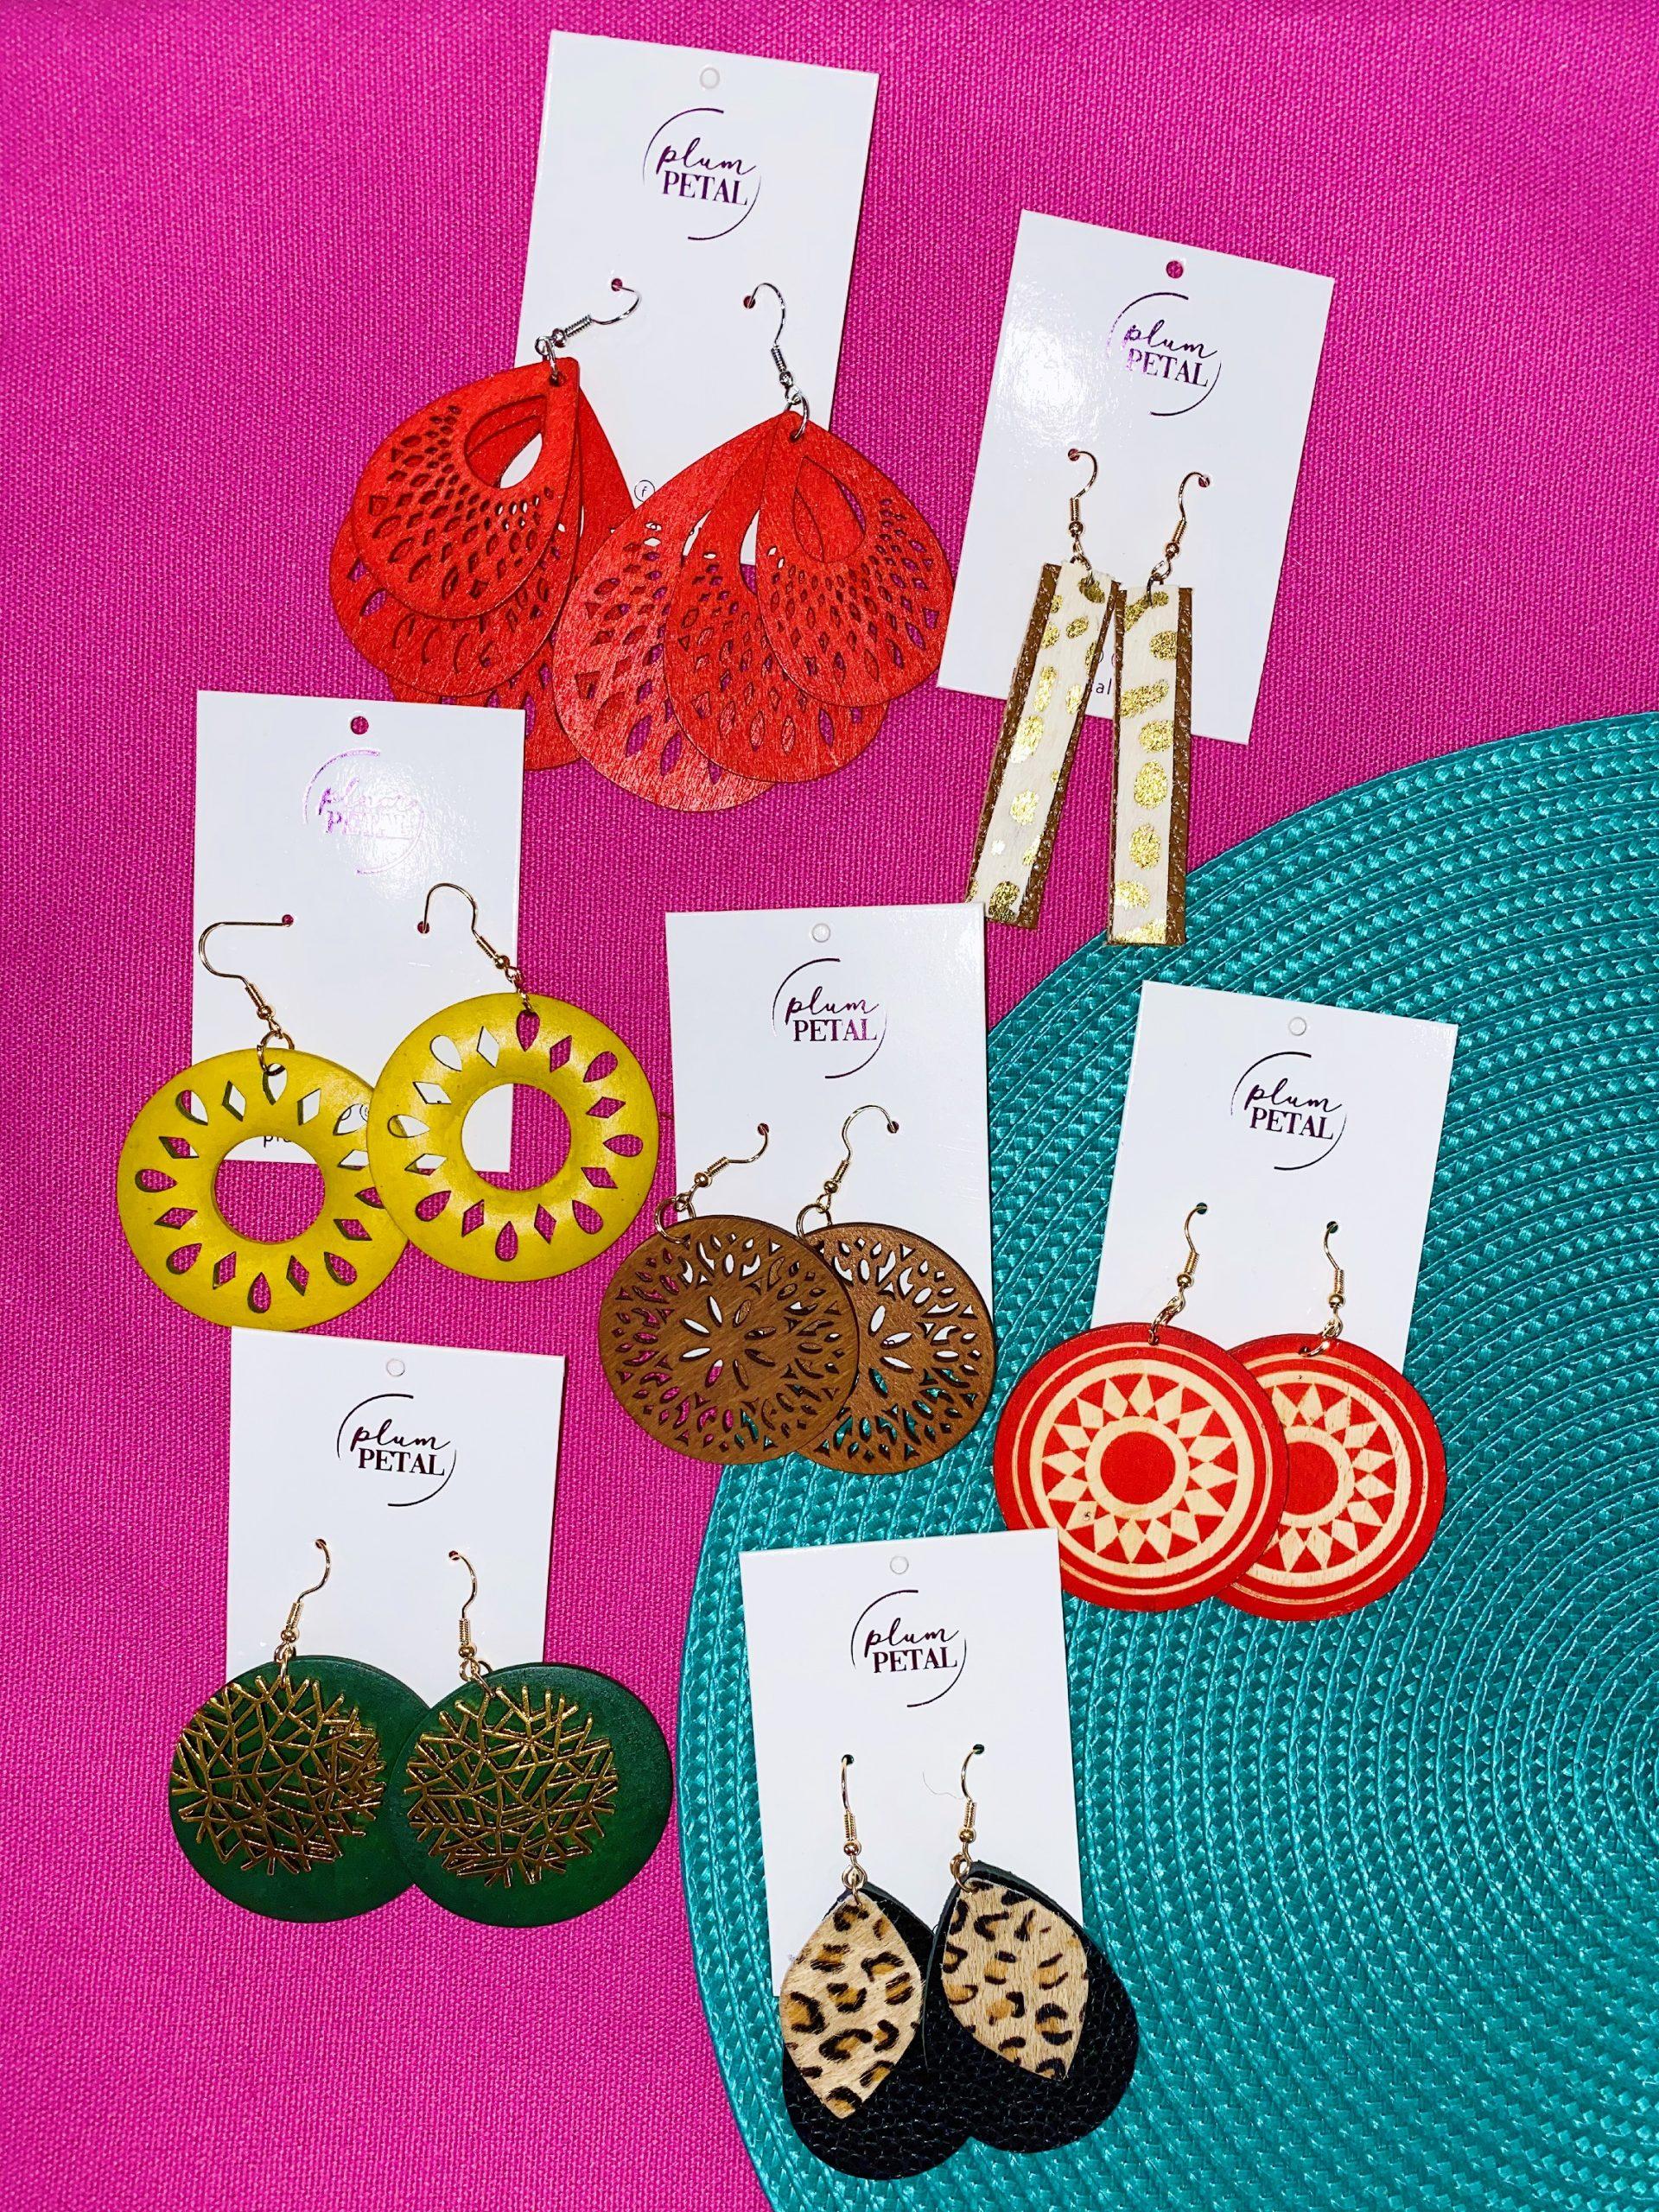 WIN seven pairs of beautiful Plum Petal earrings!